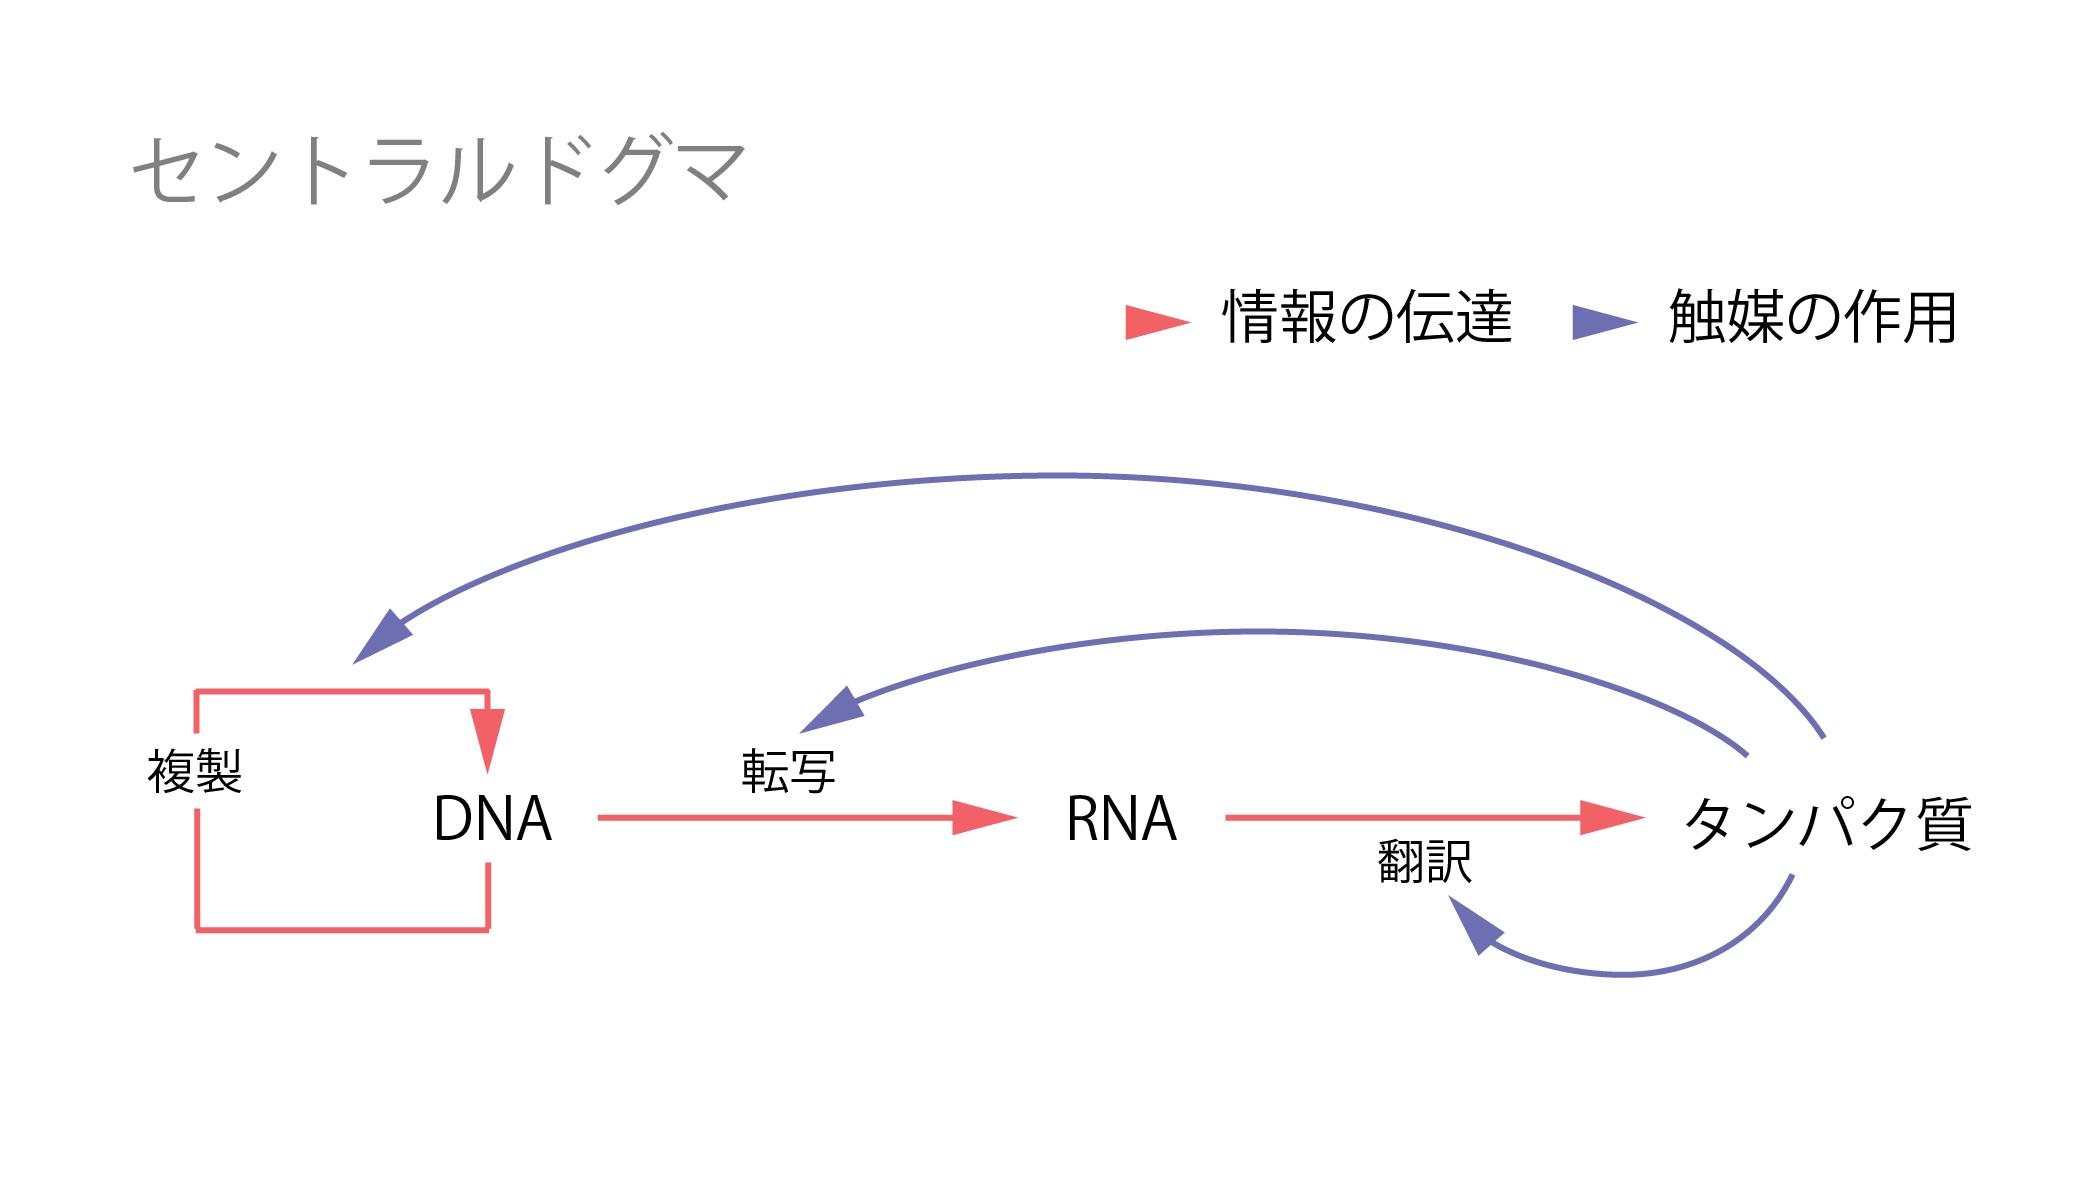 セントラルドグマ②転写と翻訳